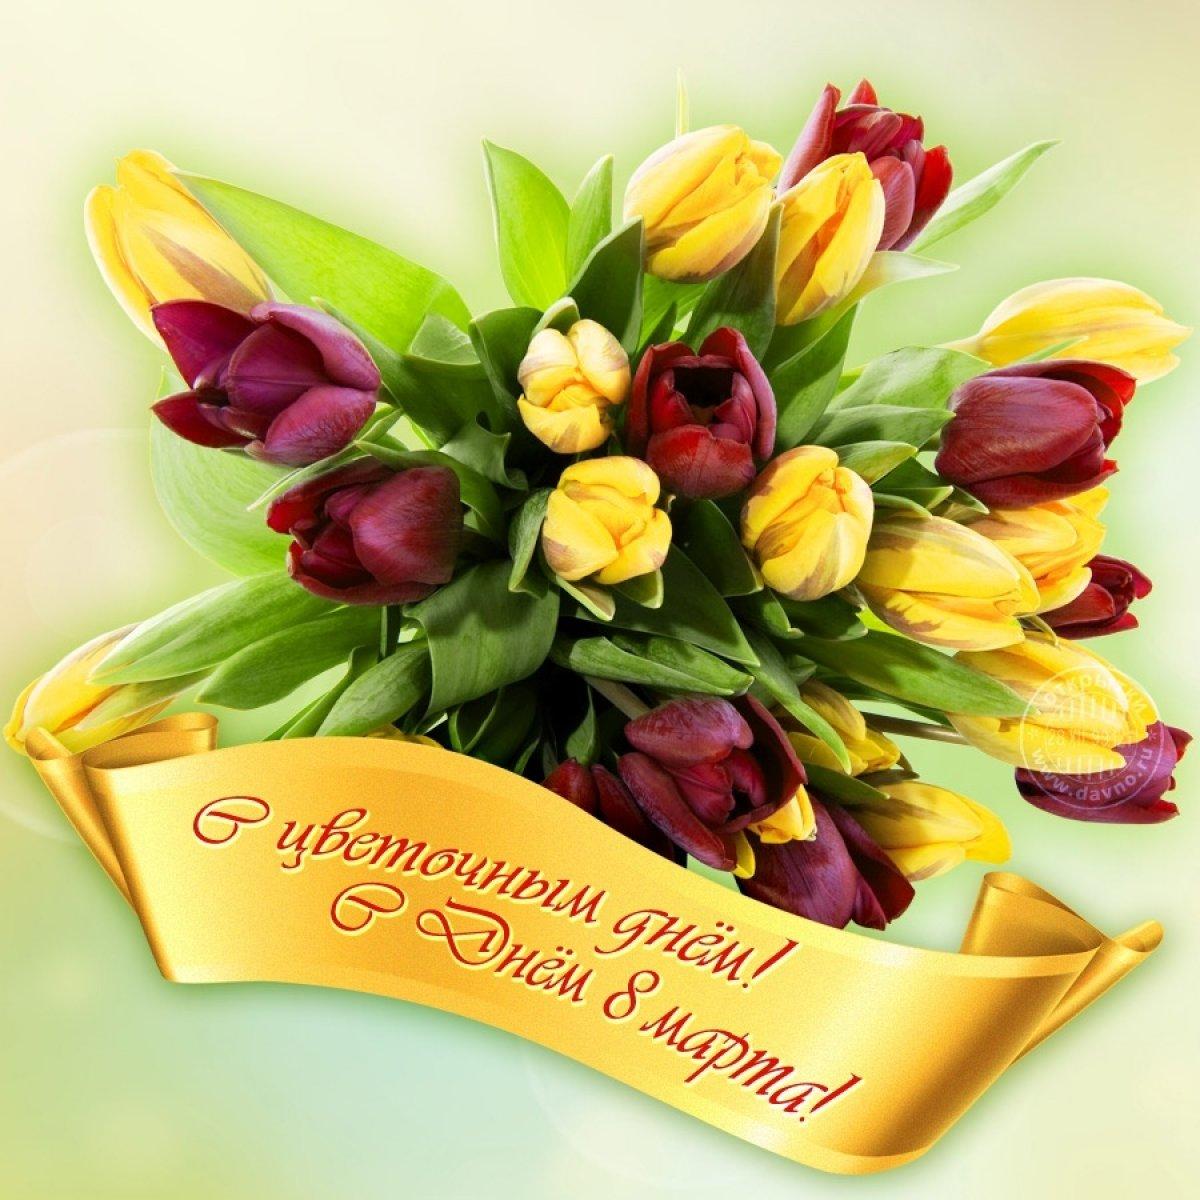 Ютуб поздравления с 8 марта открытки